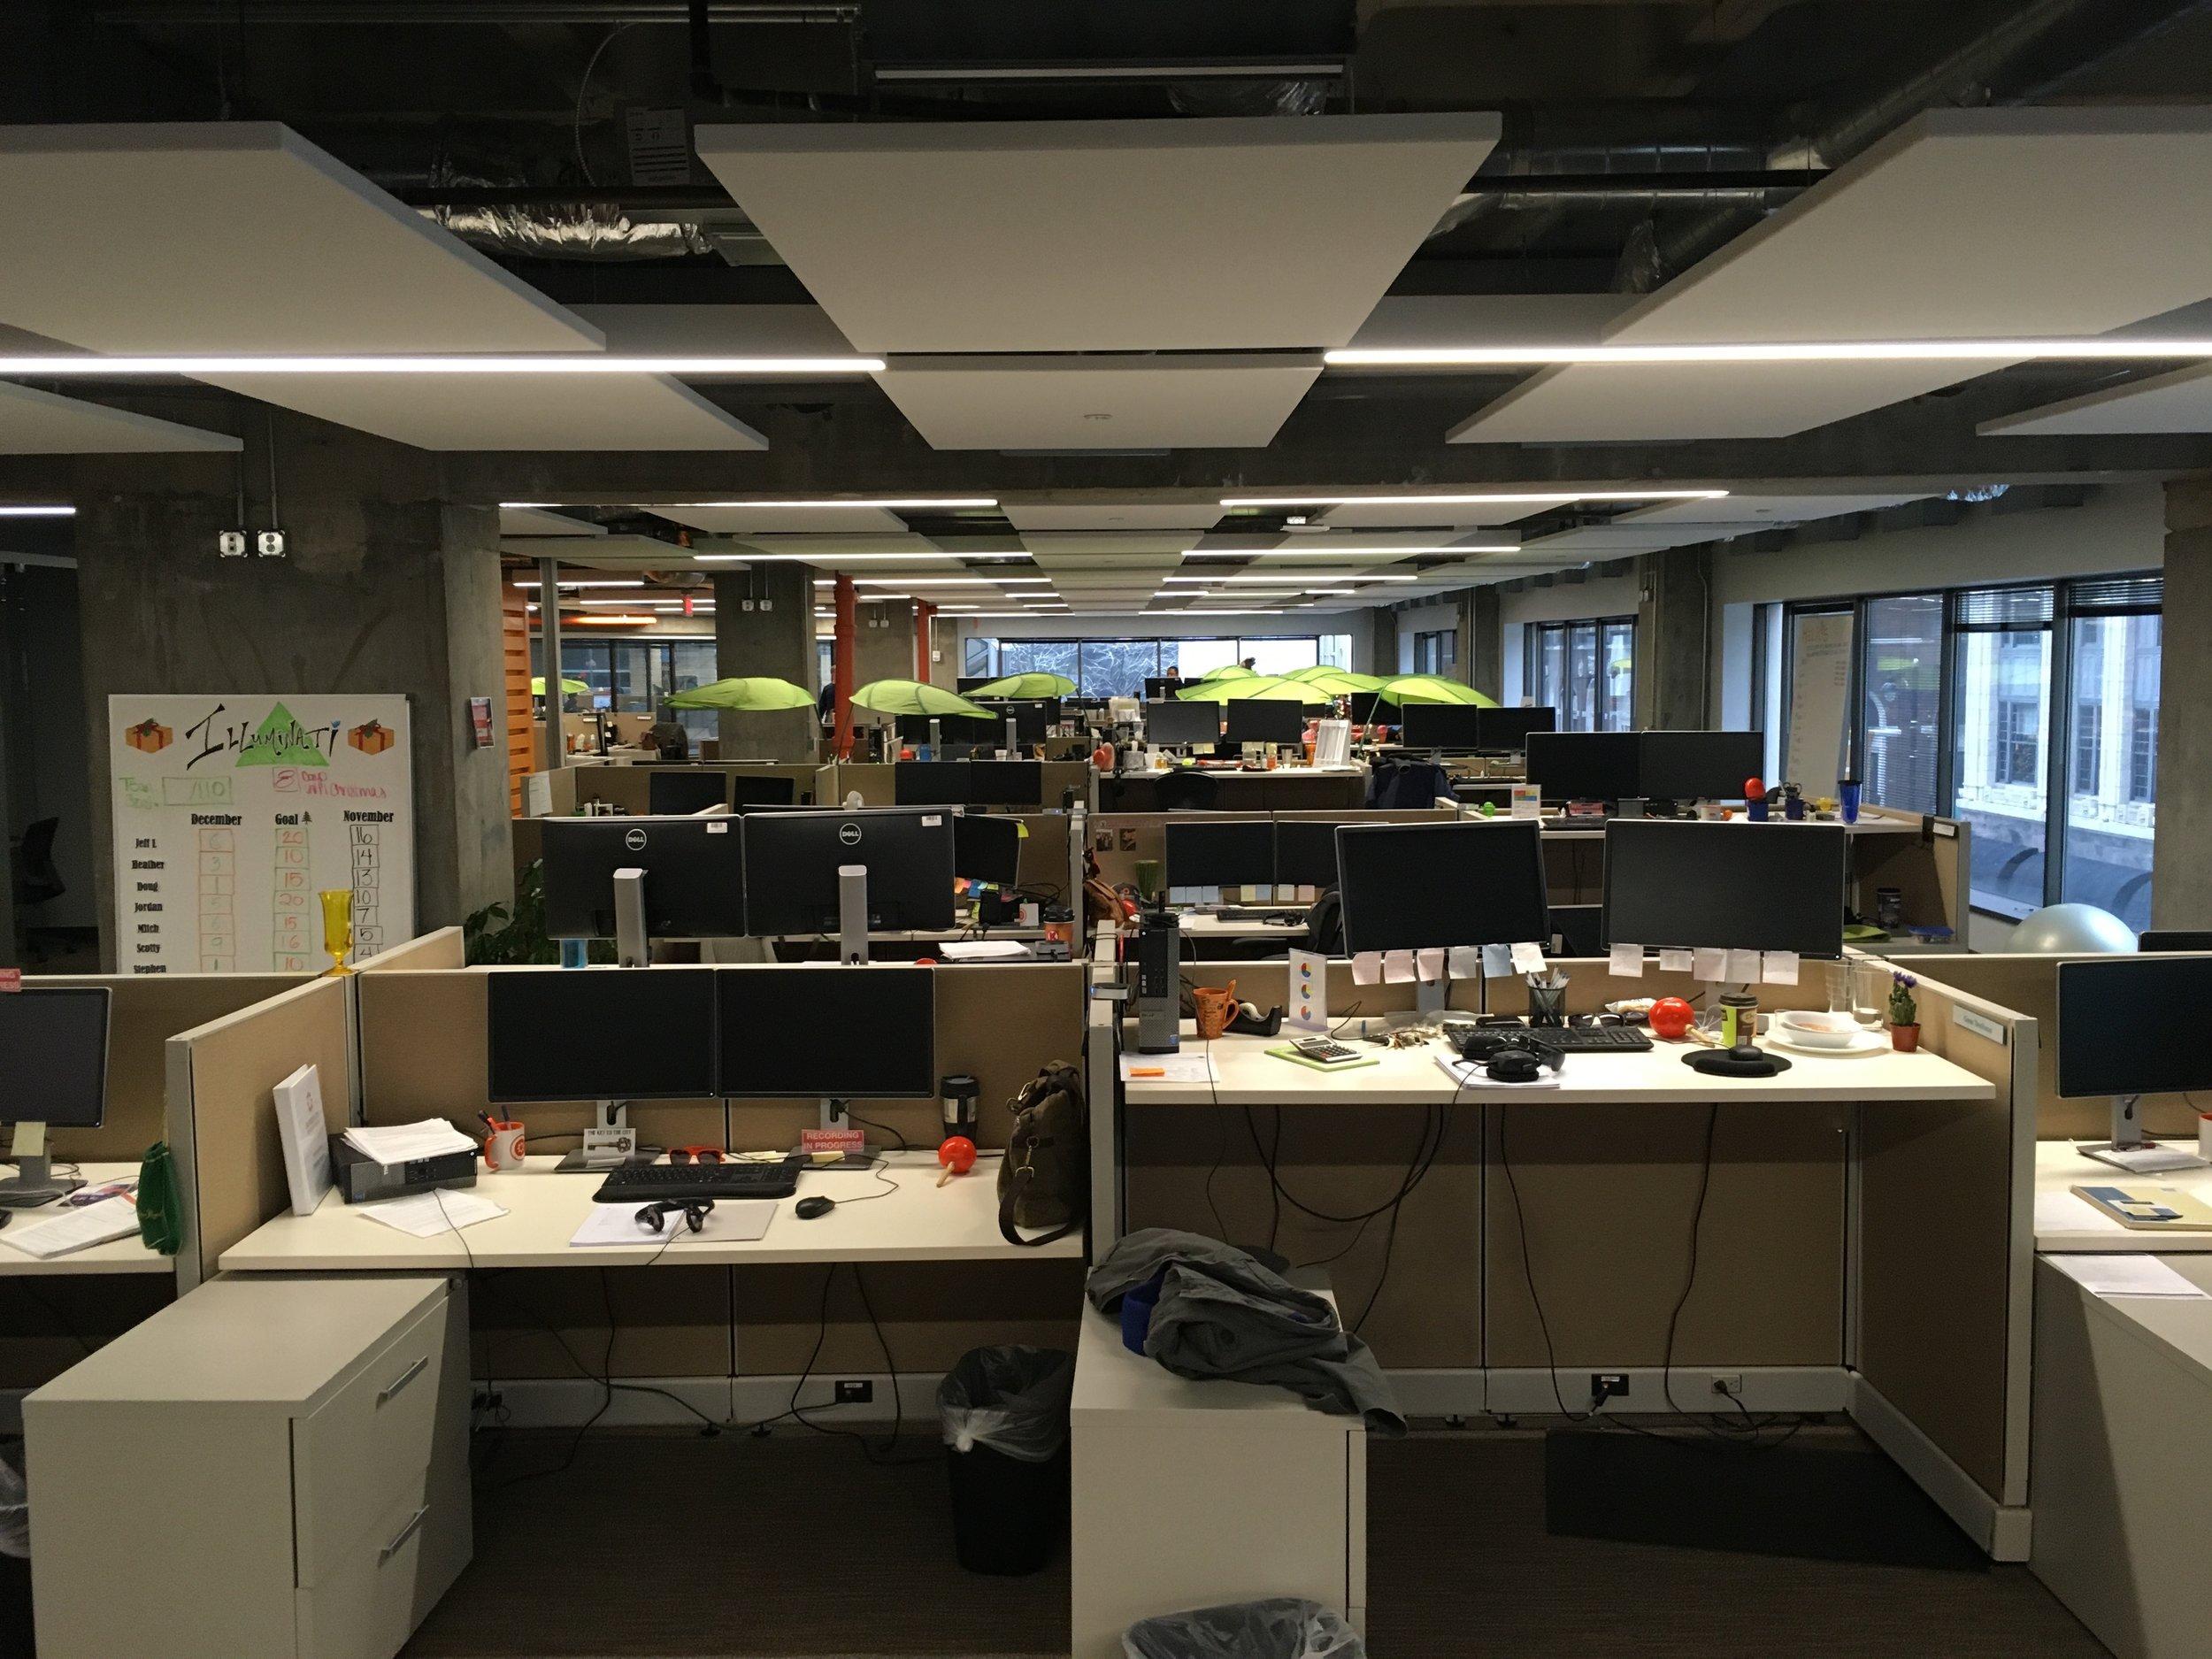 Work Page - Sungevity KC 2015 3 Interior Desks copy.jpg